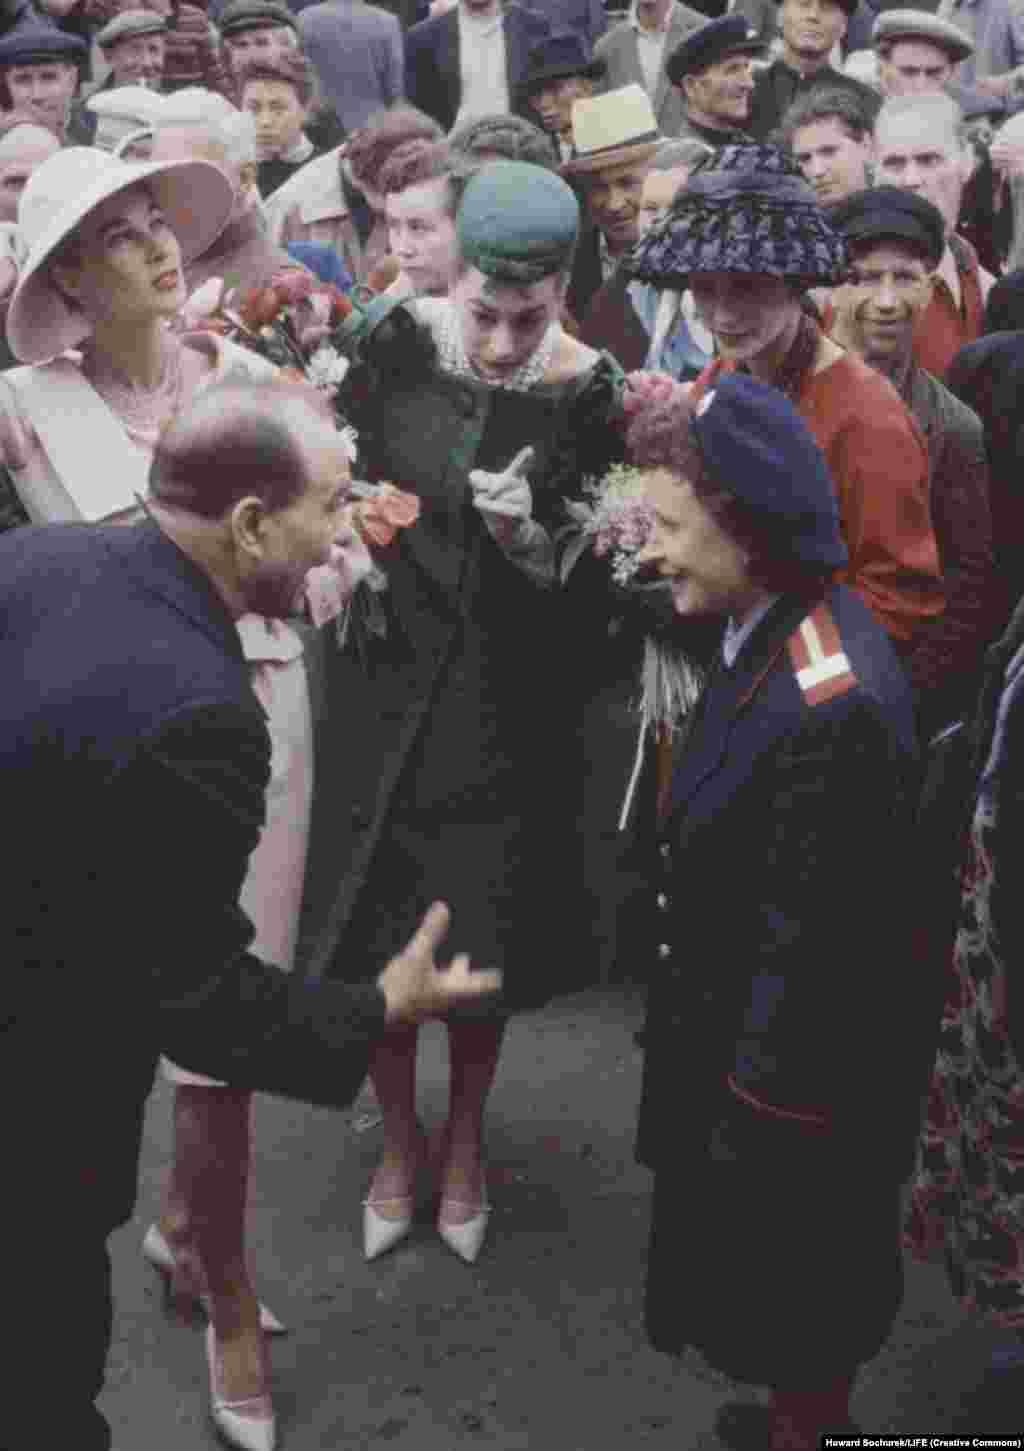 Элегантные посетительницы СССР пытаются понять разговор на улице. В 1964 году Хрущев заявил, что рабочие должны иметь одежду и обувь современного стиля, соответствующие сезону и моде. «Это хорошо», – написал Хрущев в докладе «О мерах по реализации программы Коммунистической партии в сфере повышения благосостояния людей».